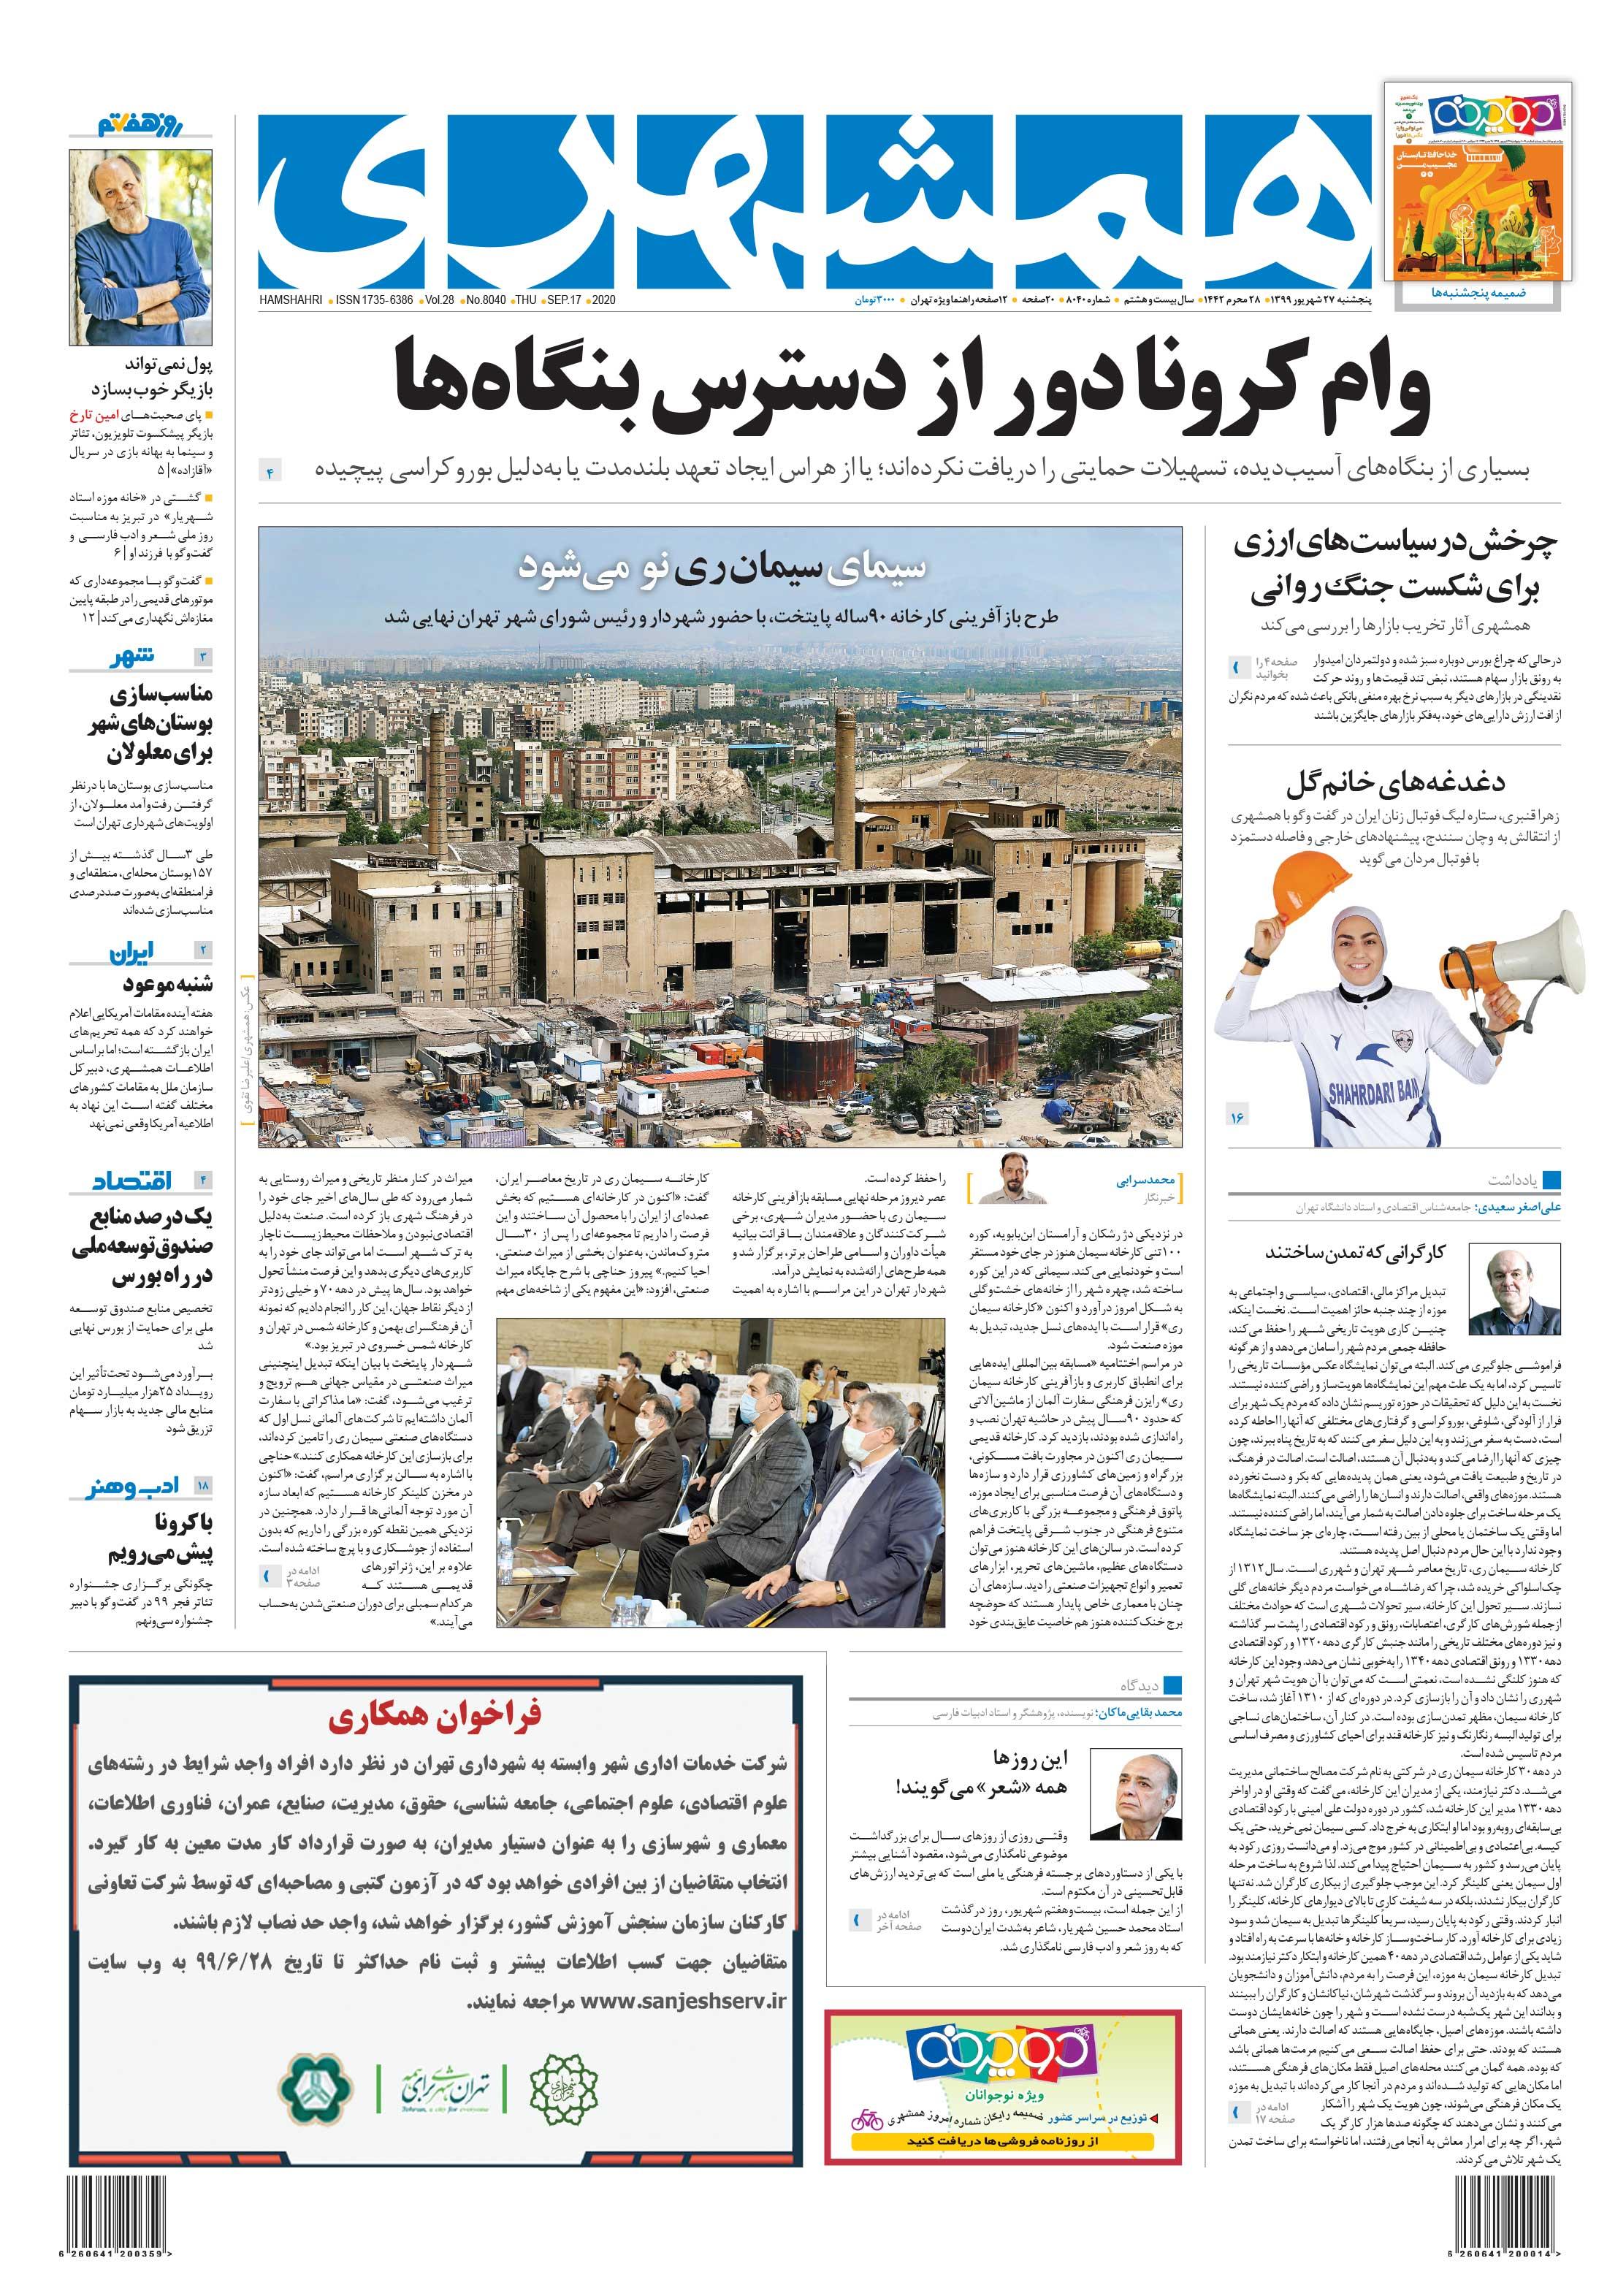 صفحه اول پنجشنبه 27 شهریور 1399